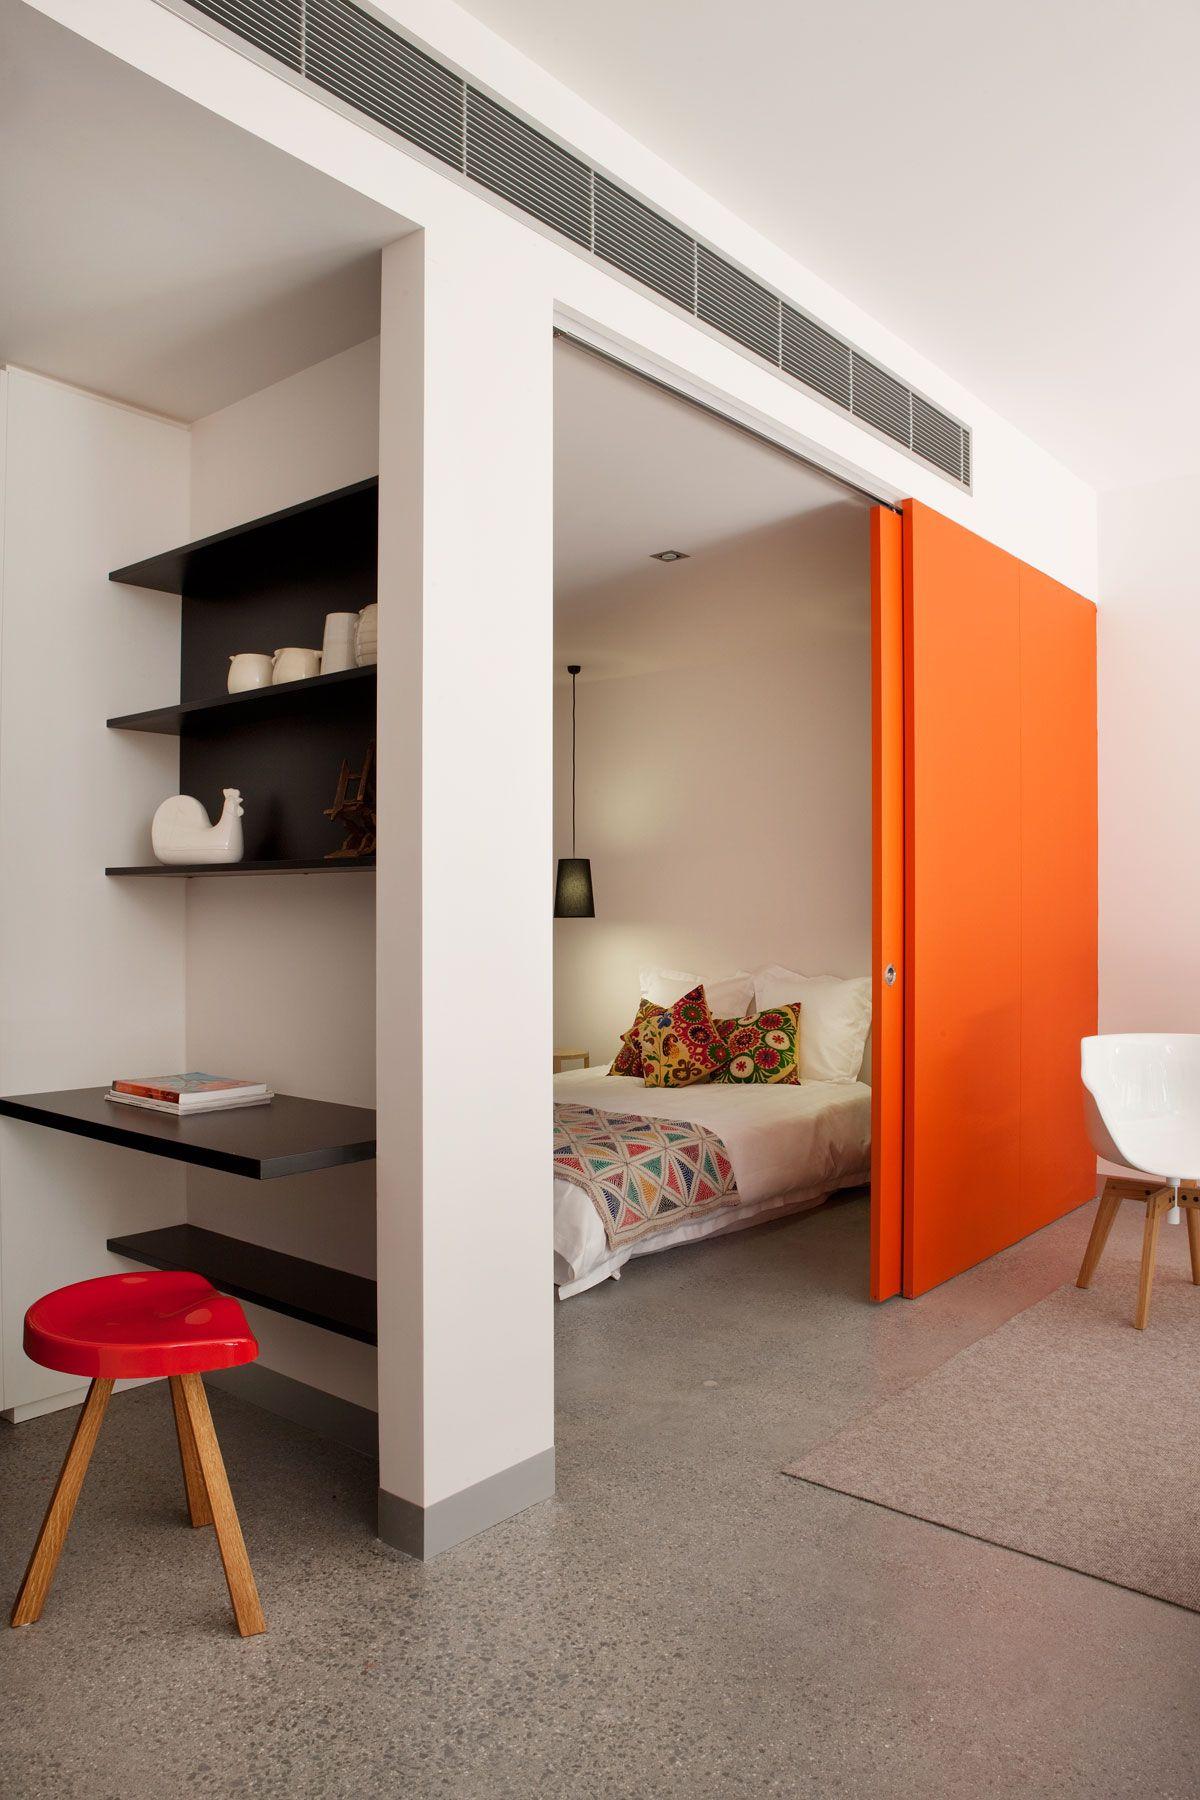 Porte coulissante | Pour la maison | Pinterest | Portes coulissantes ...